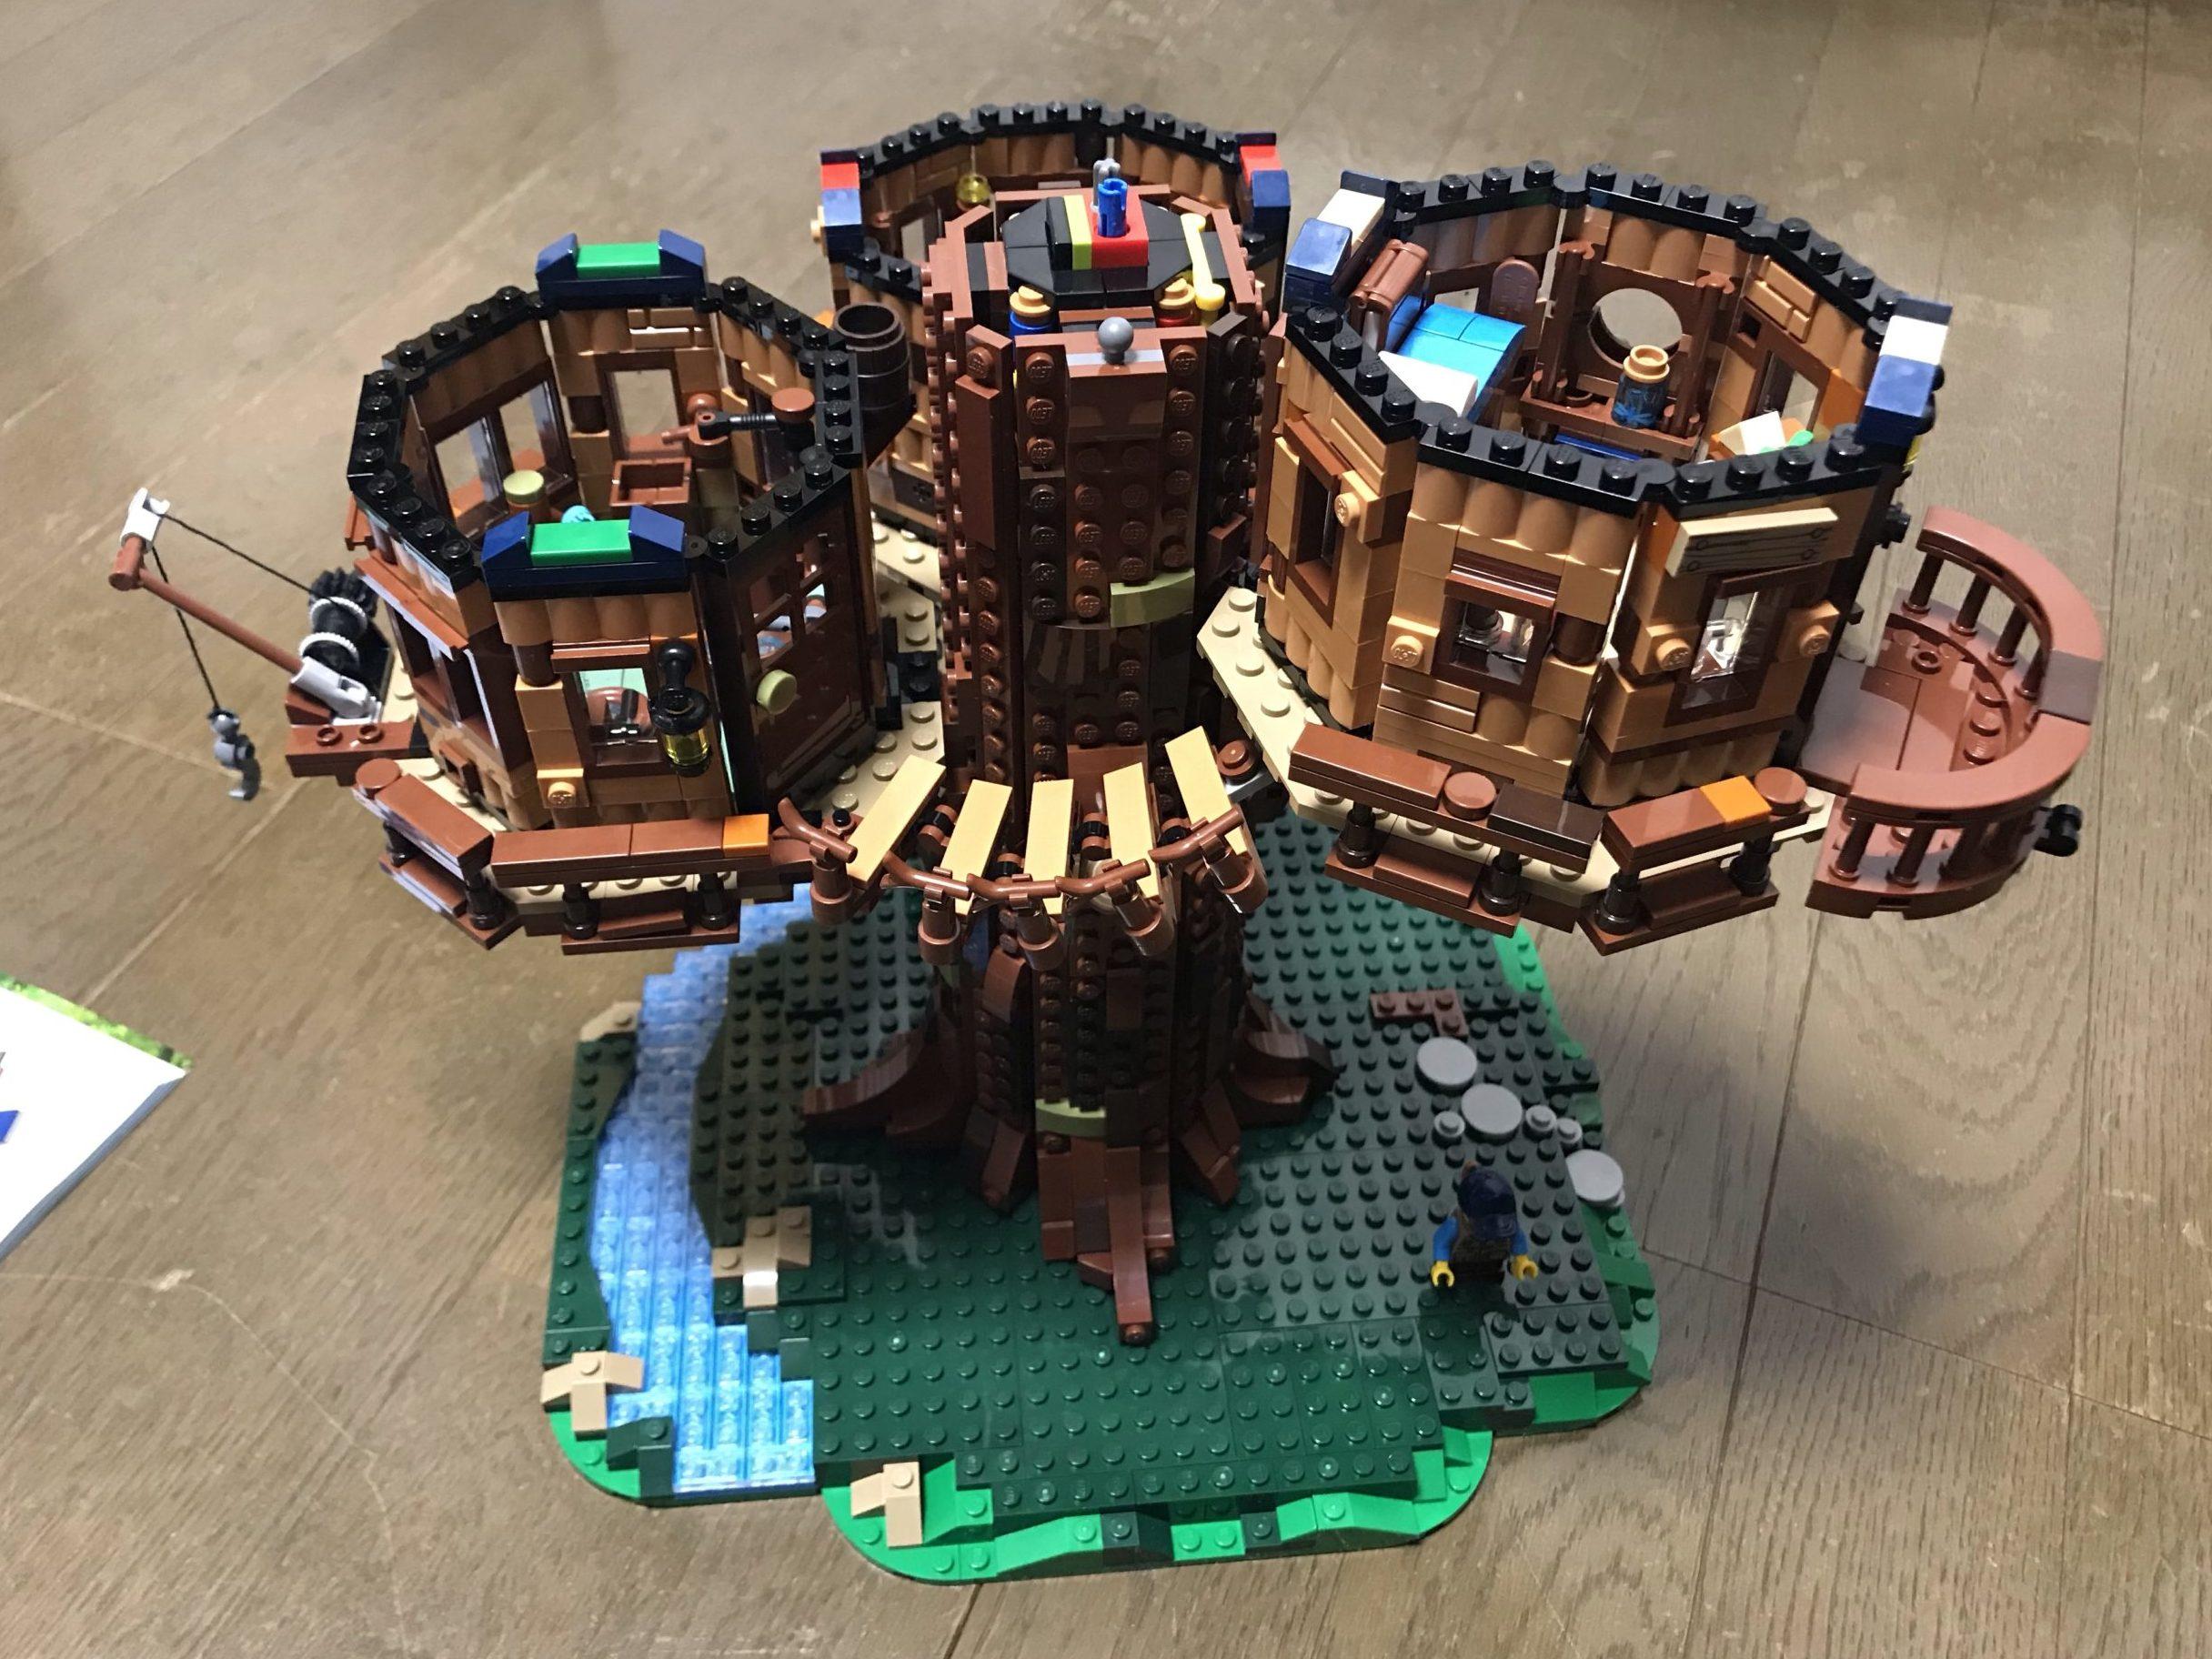 LEGOツリーハウス(21318)組み立て11~12 遊び心いっぱいの子供部屋